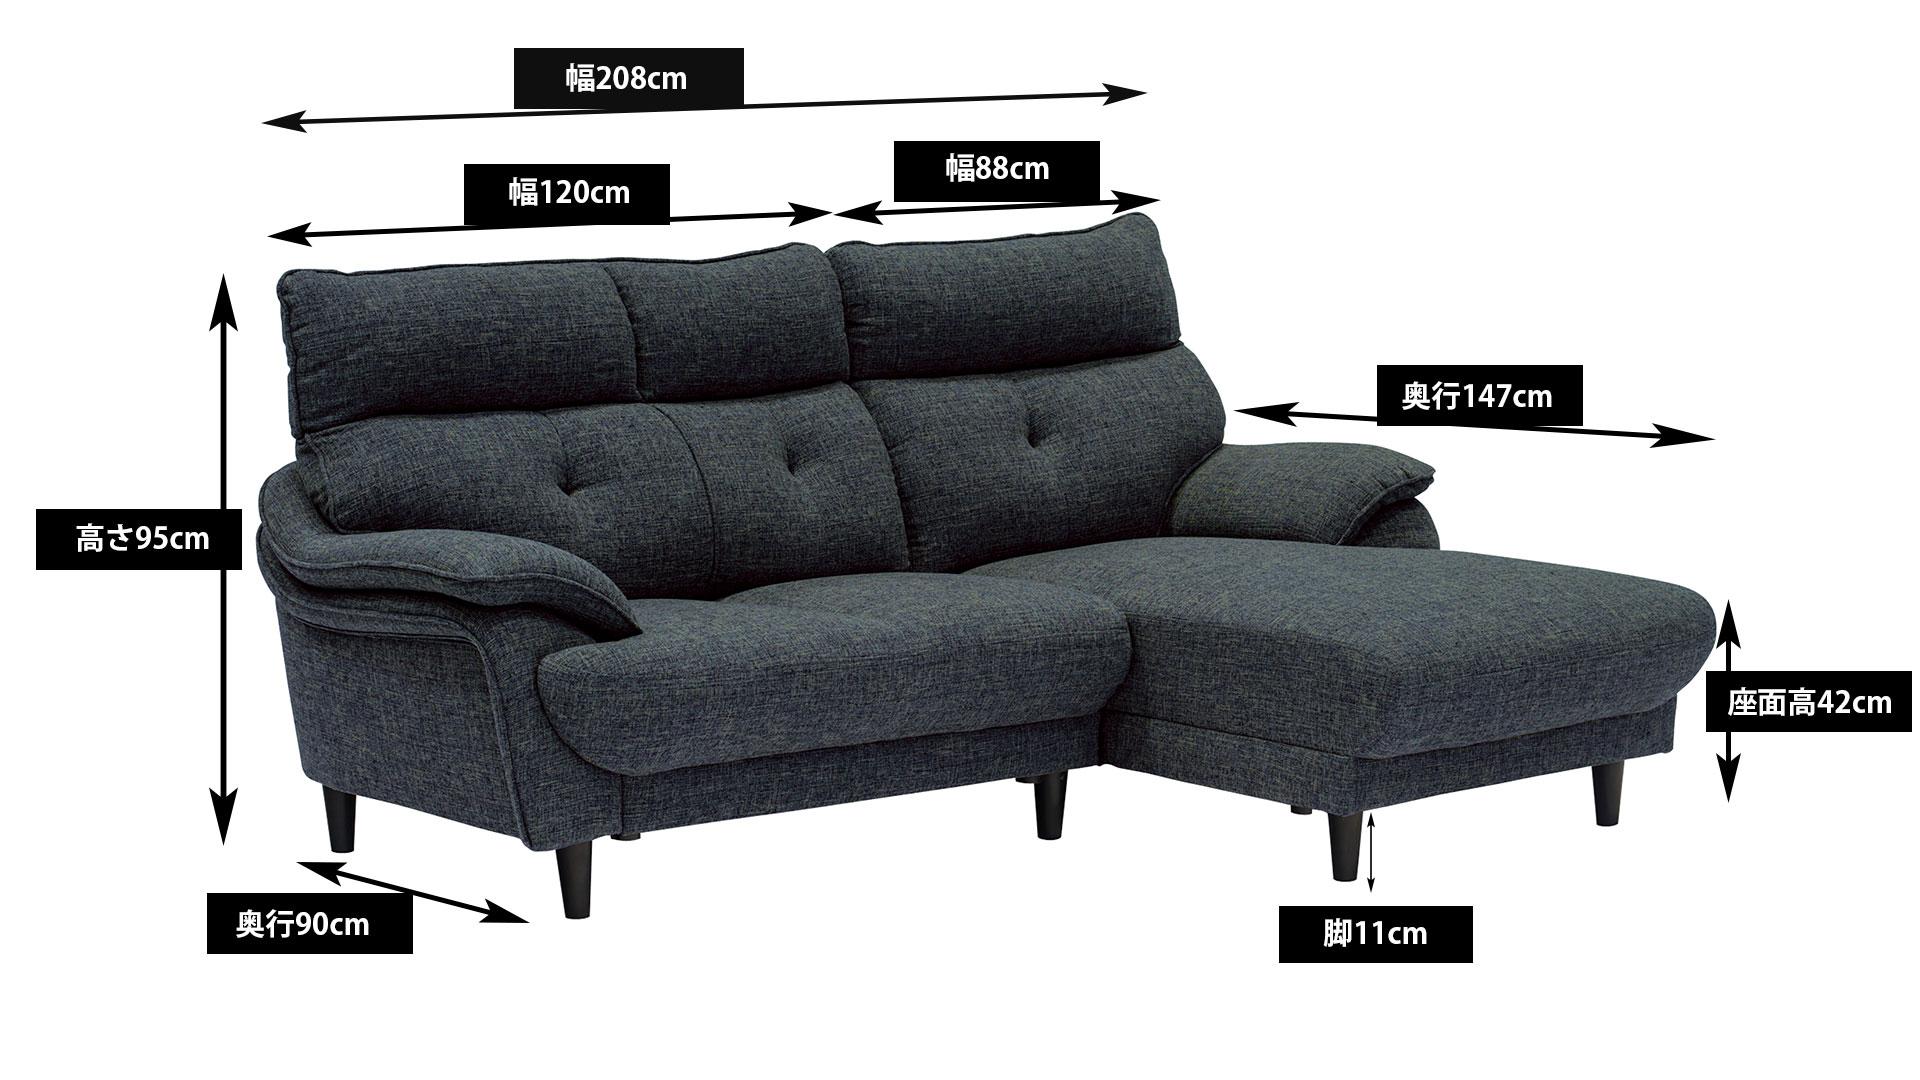 リビンズのソファ「アモーレ」のサイズの画像